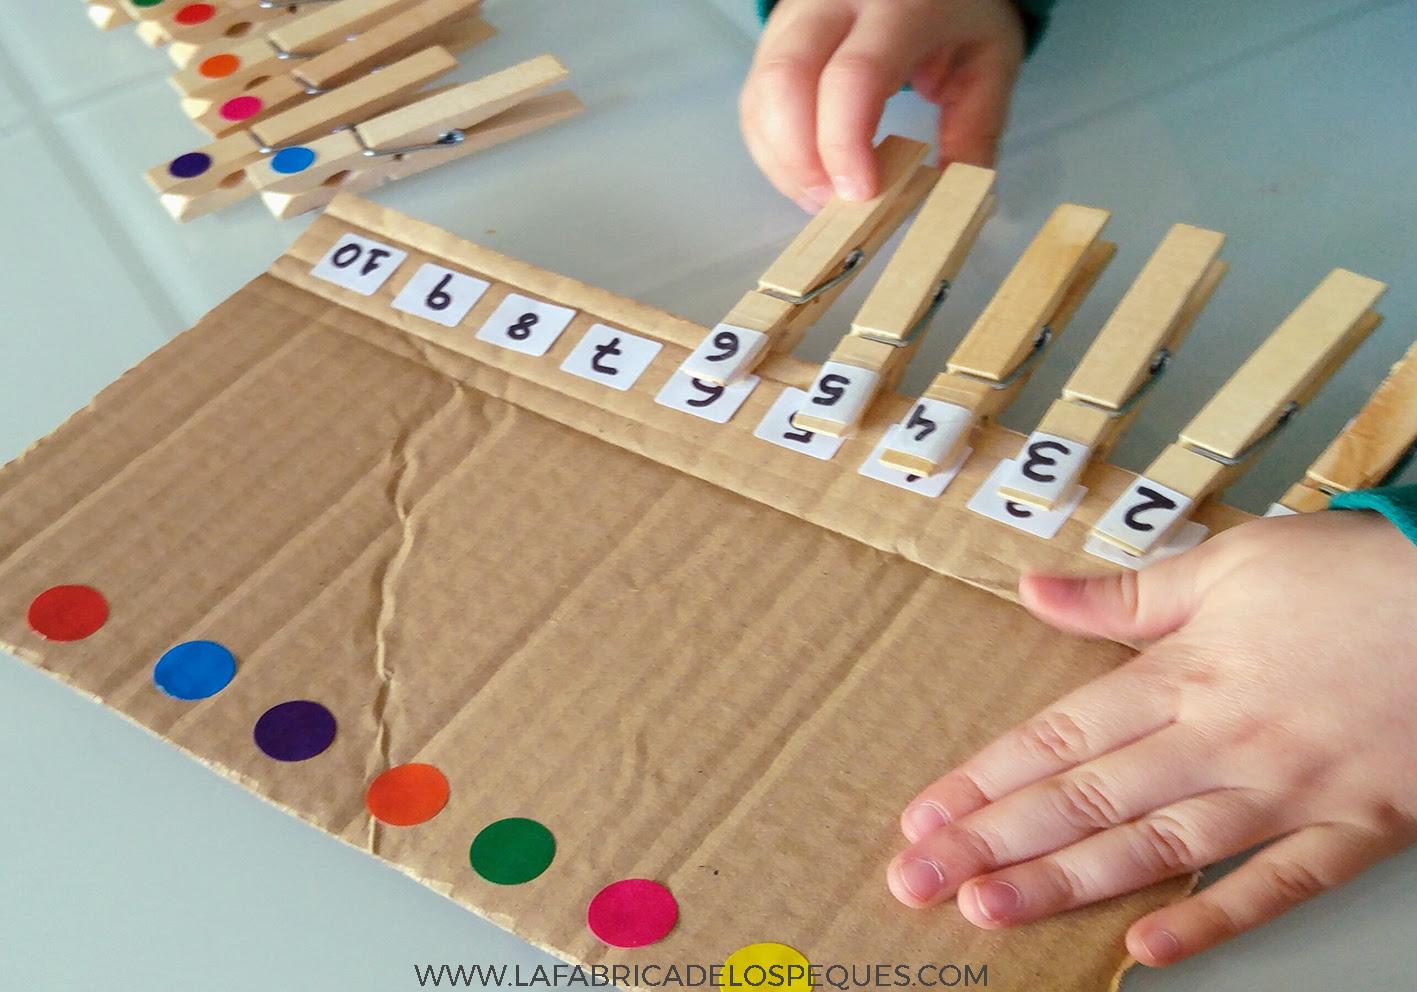 Manualidades Para Niños De 3 A 5 Años Material Reciclado Compartir Materiales